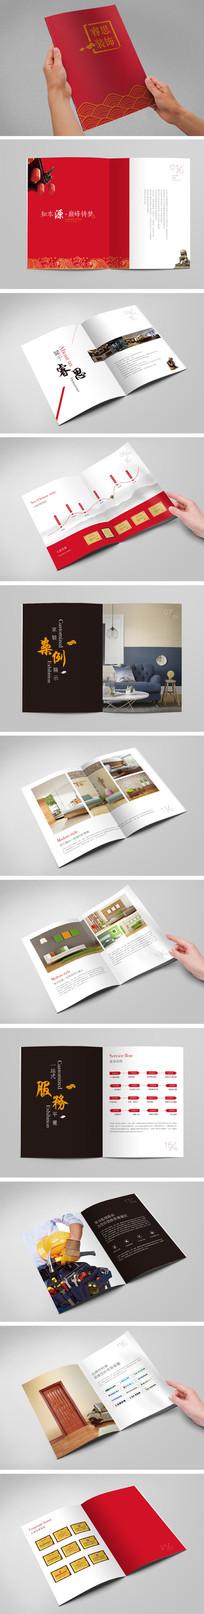 中国风装修公司招商宣传册